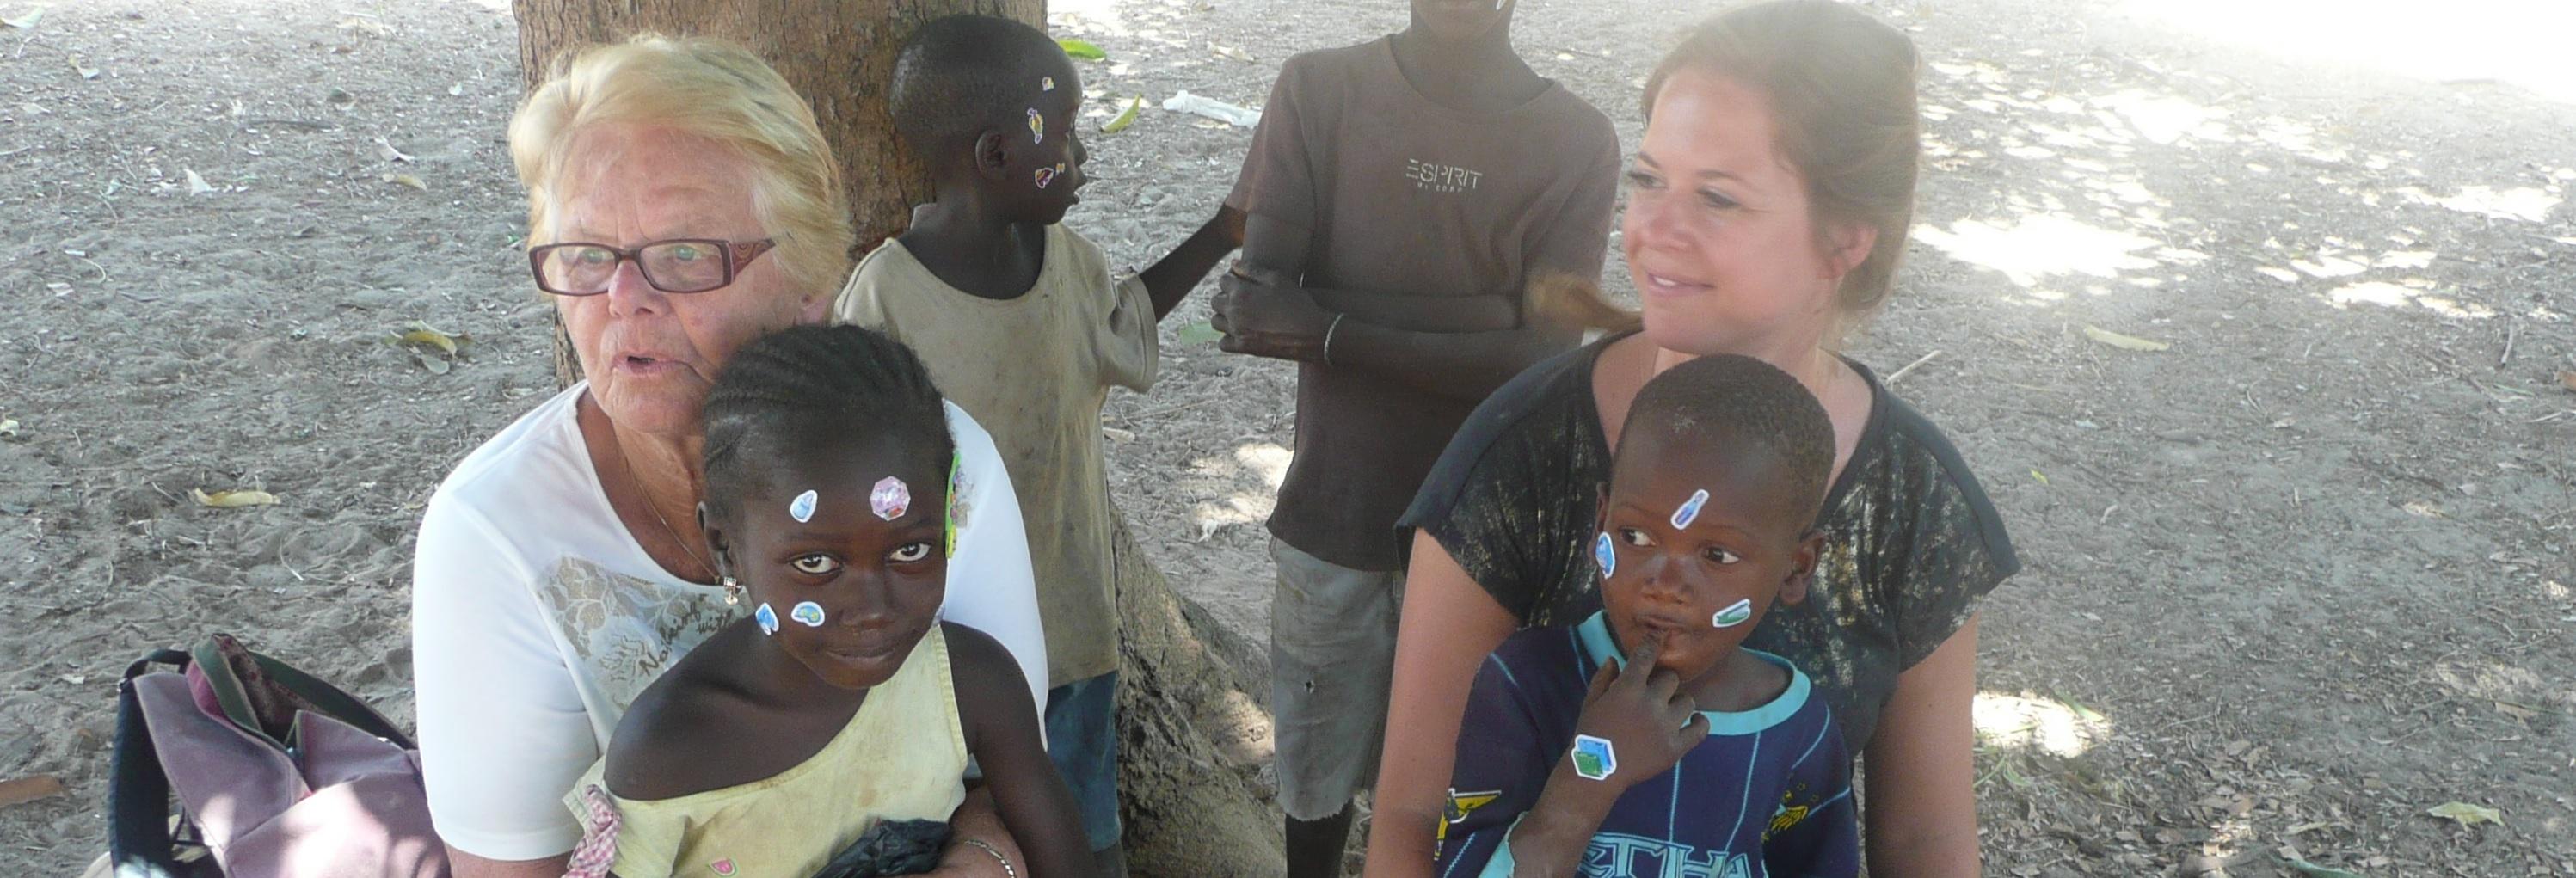 Vrijwilligers project sociaal Gambia Afrika Kinderen